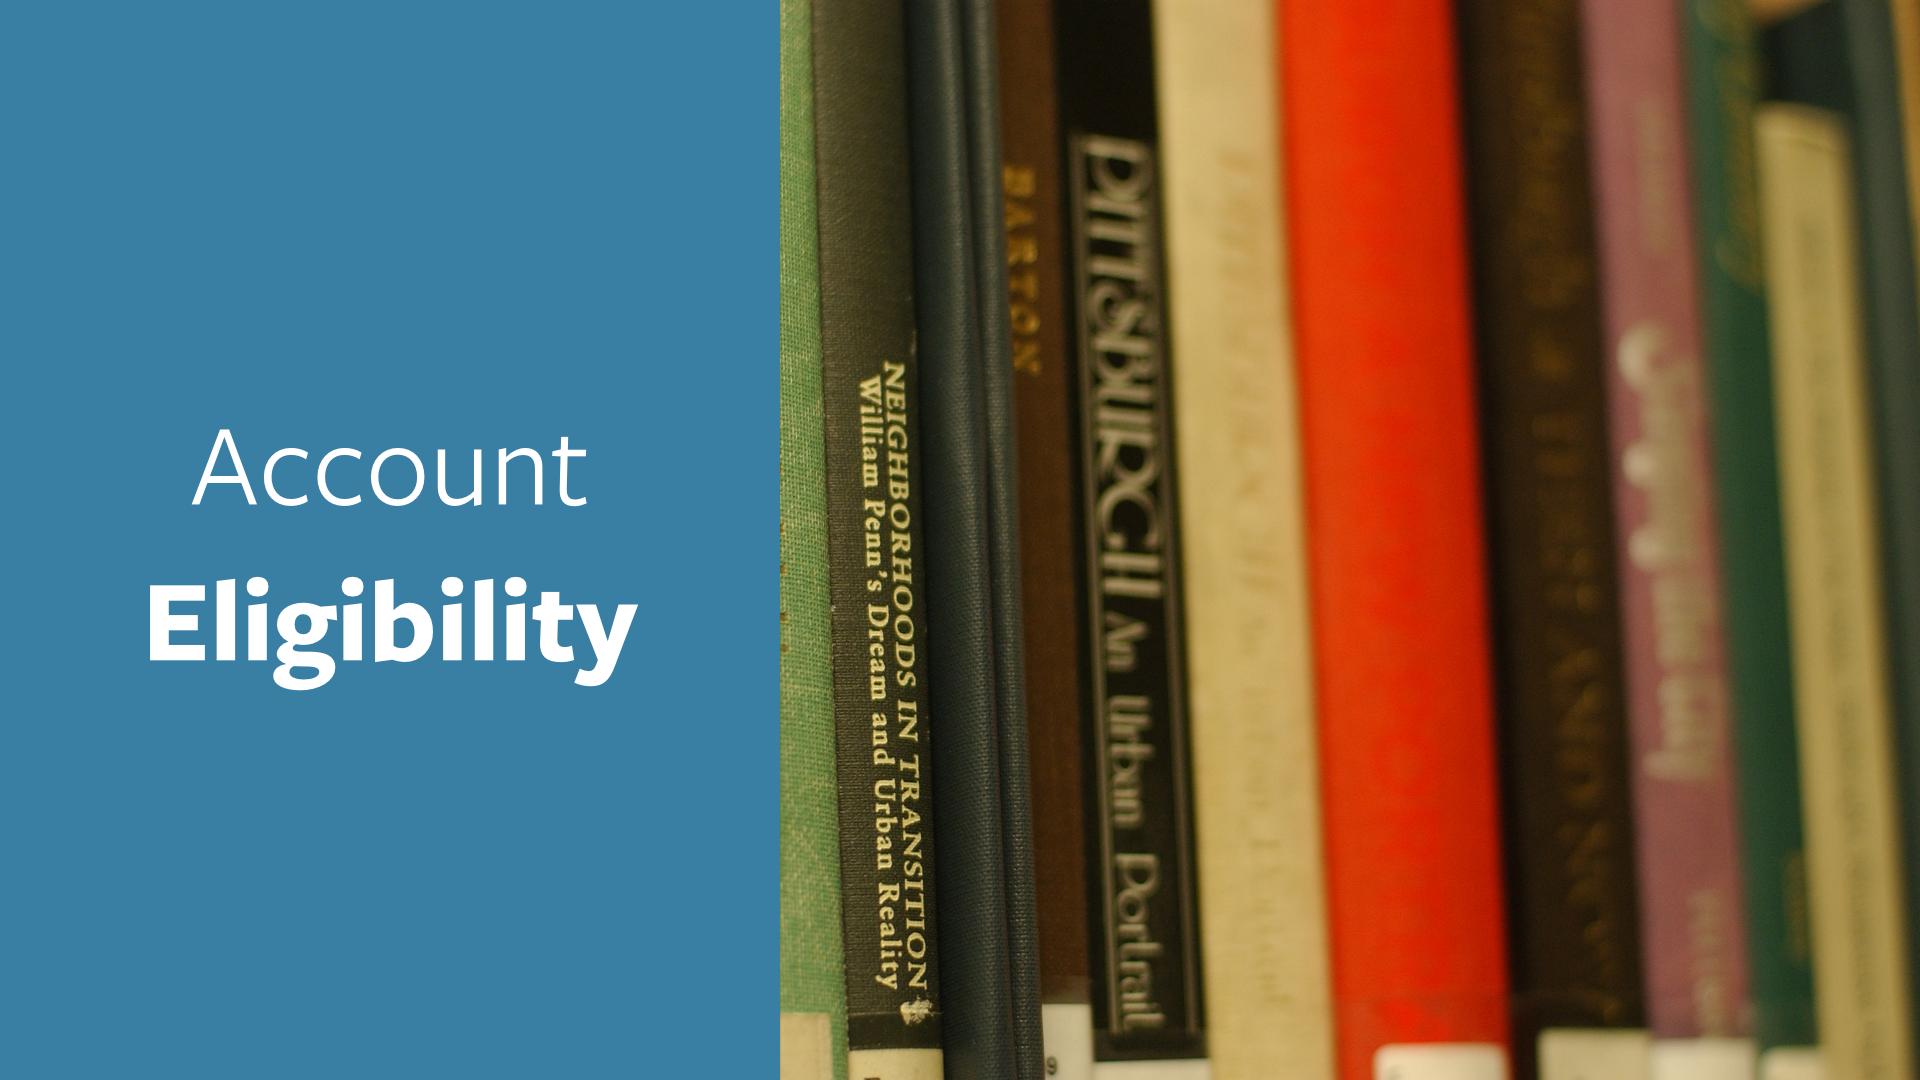 Account Eligibility